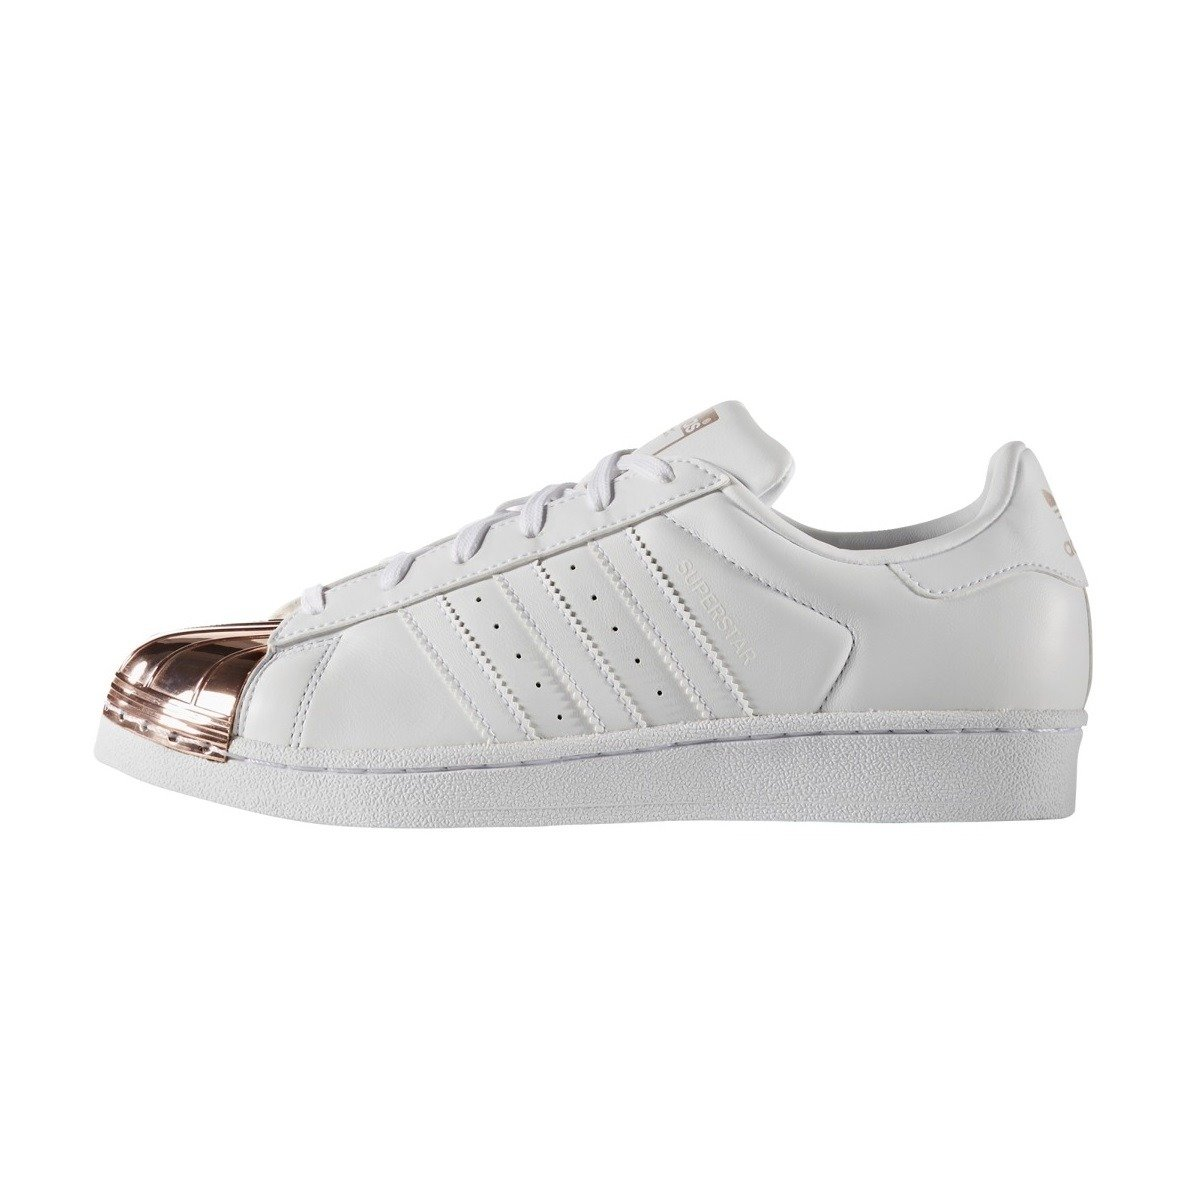 grossiste b19da ed049 Adidas Superstar Metal Toe - BY2882